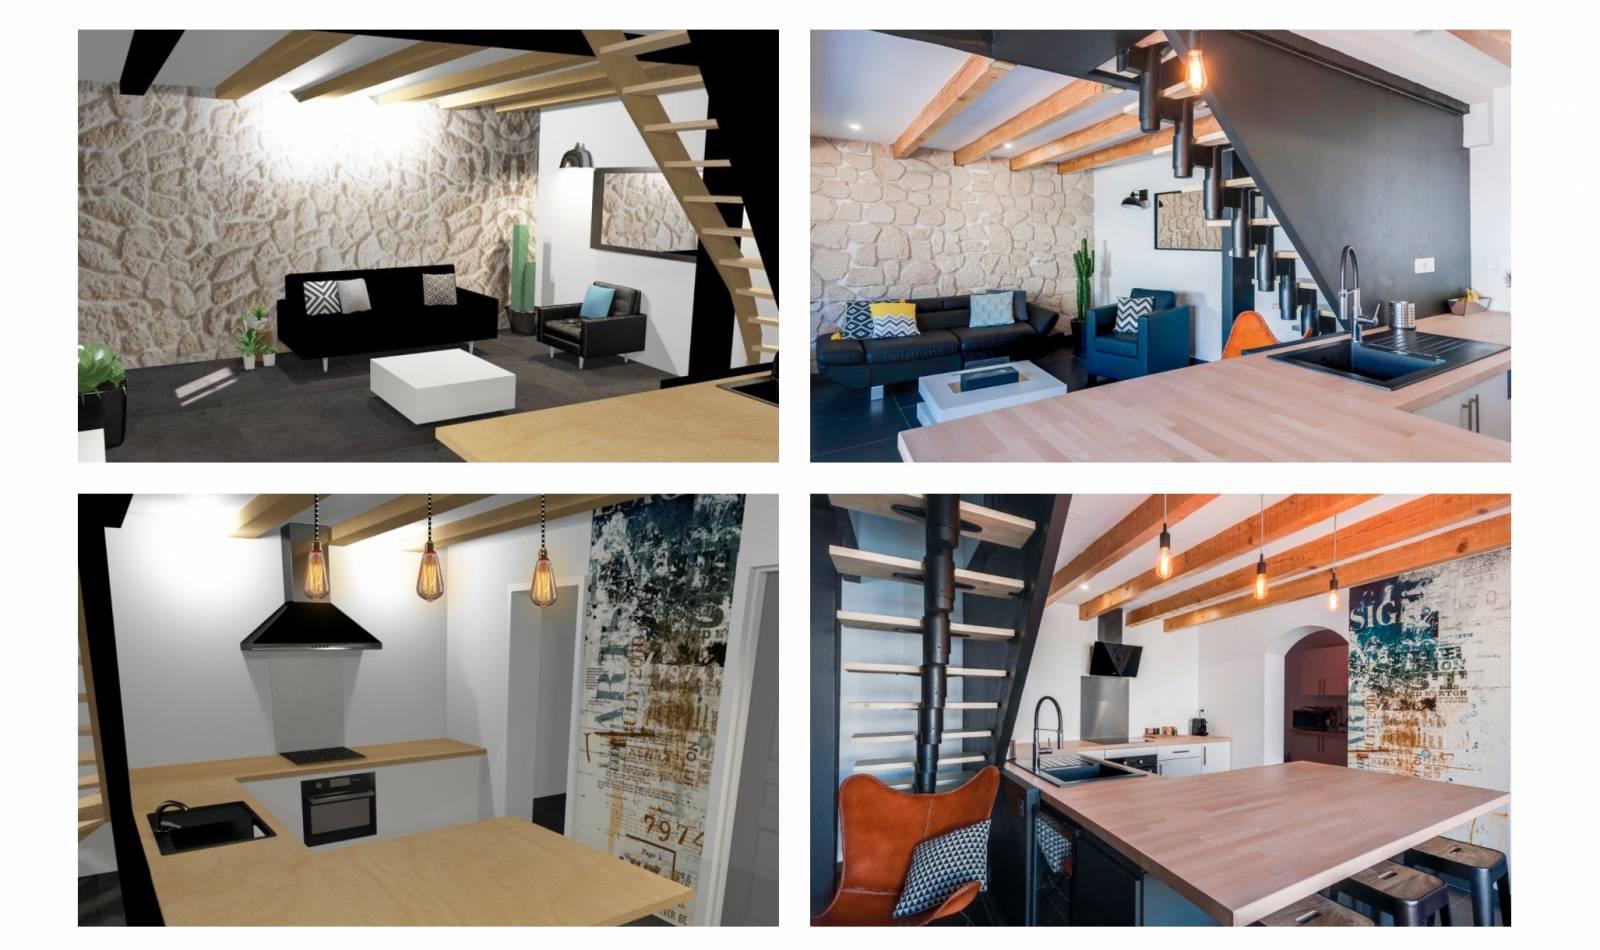 architecte d 39 int rieur marseille tarifs honoraires et forfaits agence mrc. Black Bedroom Furniture Sets. Home Design Ideas